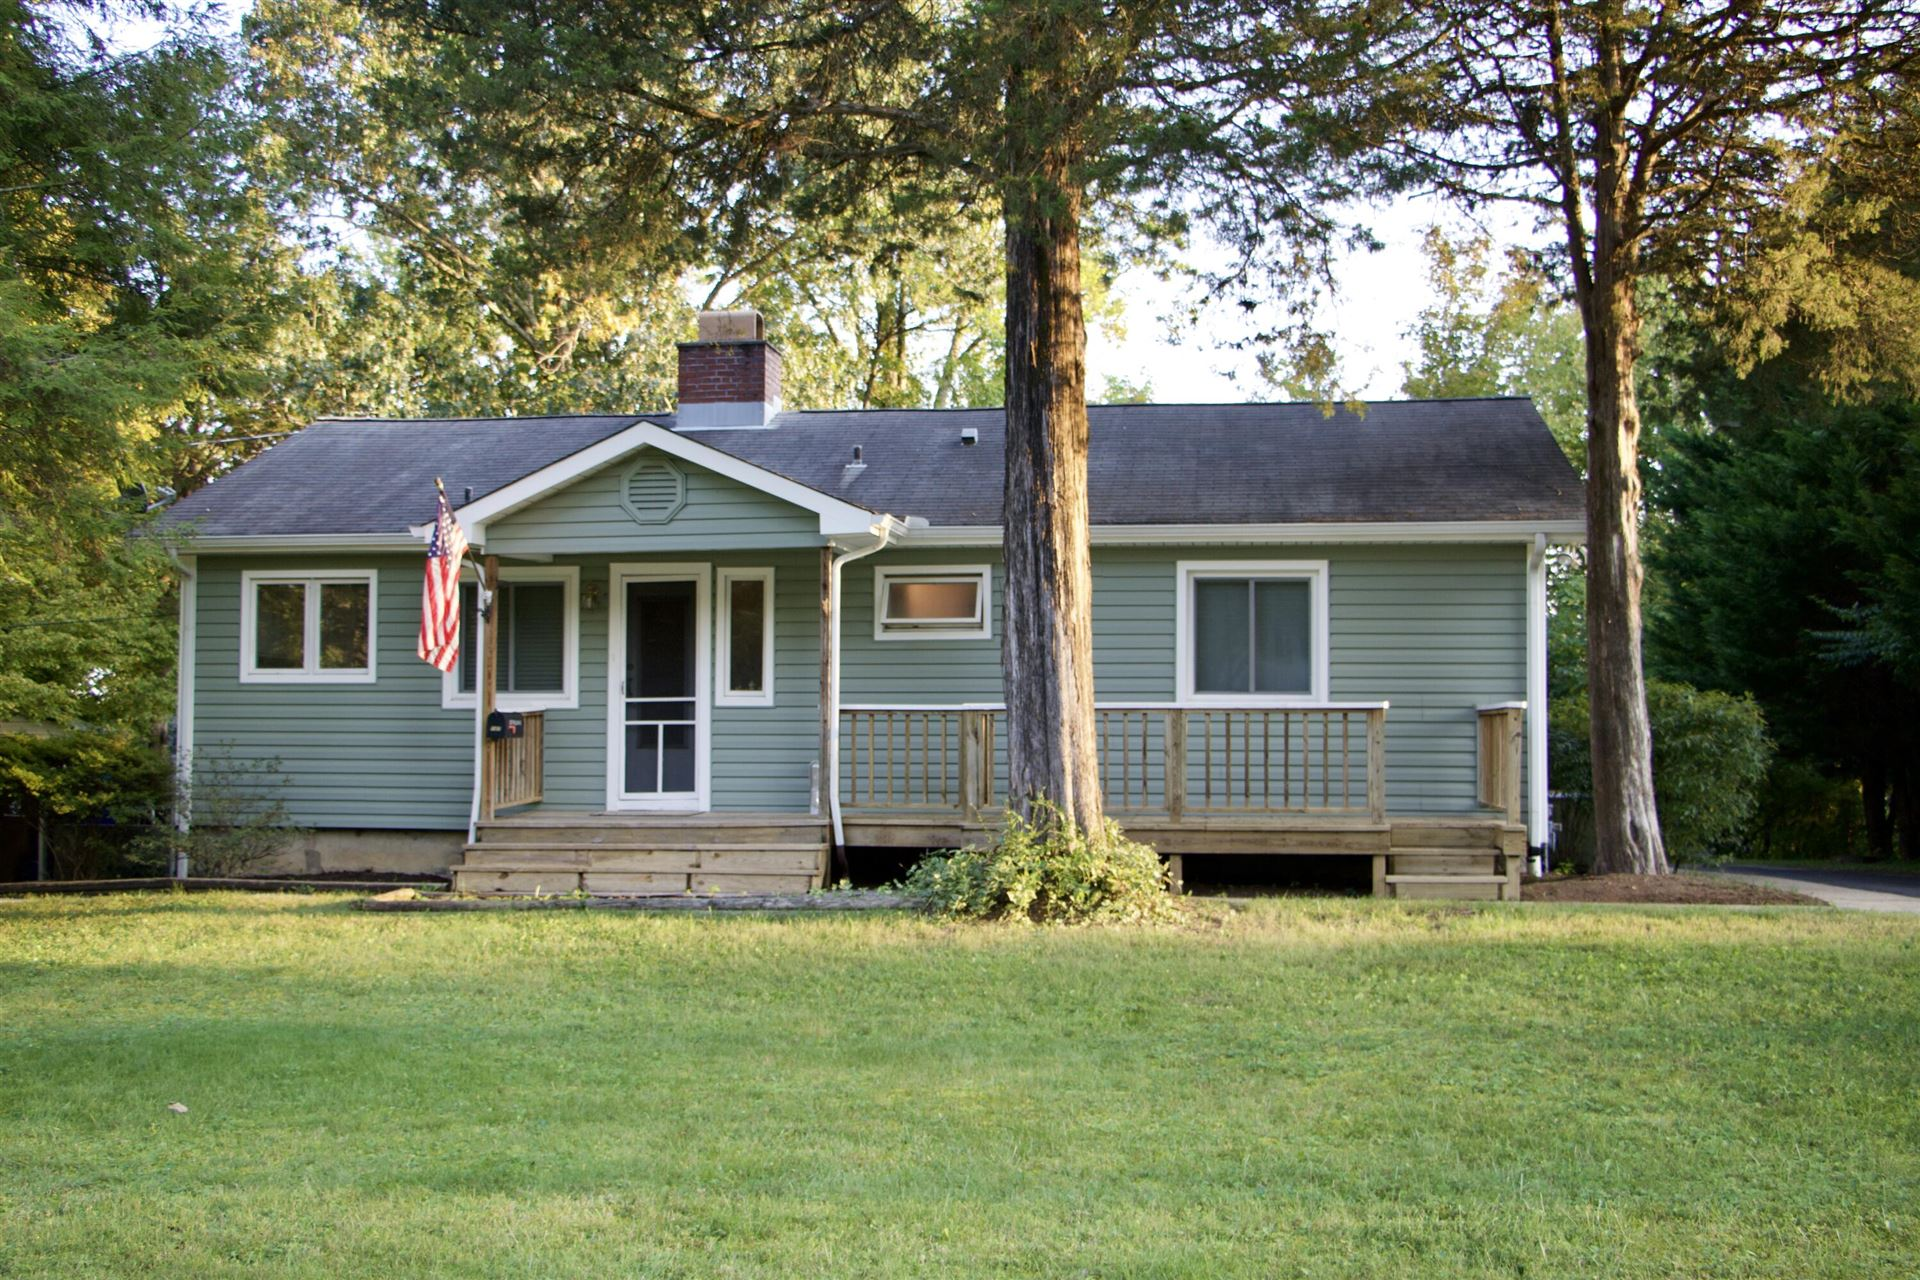 Photo of 107 Peach Rd, Oak Ridge, TN 37830 (MLS # 1169483)